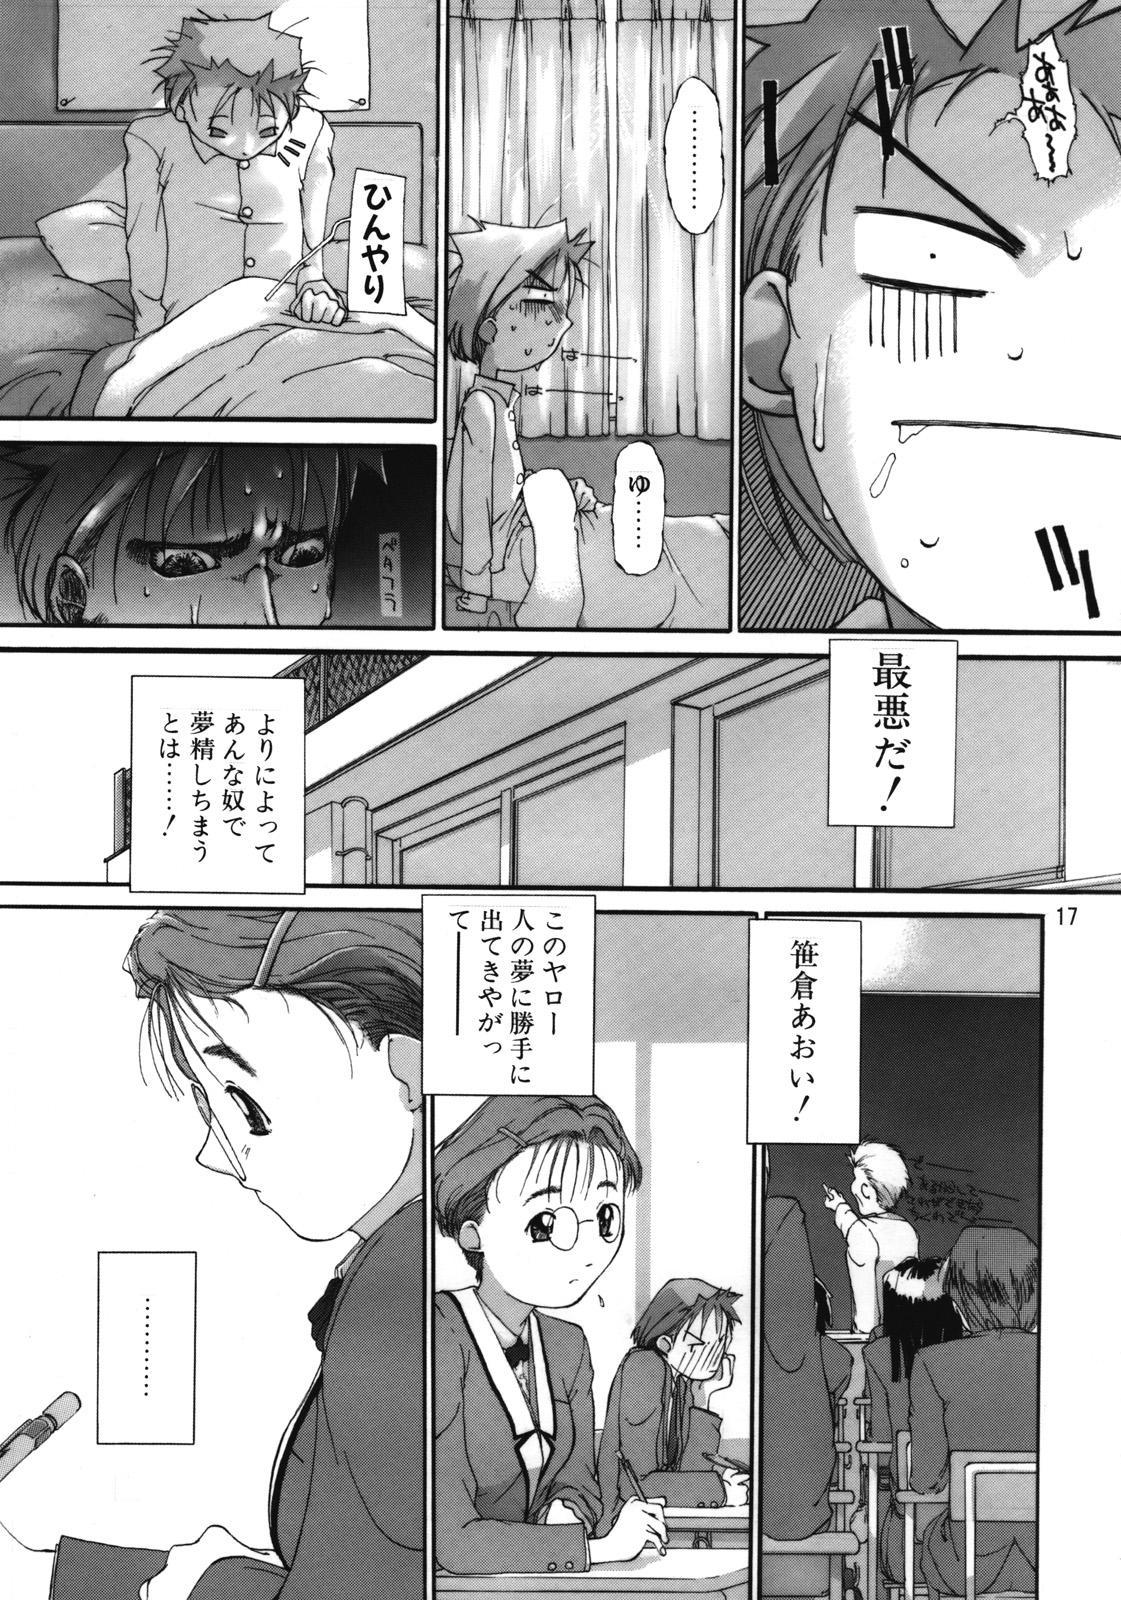 Tanpatsu Yuugi 3 17